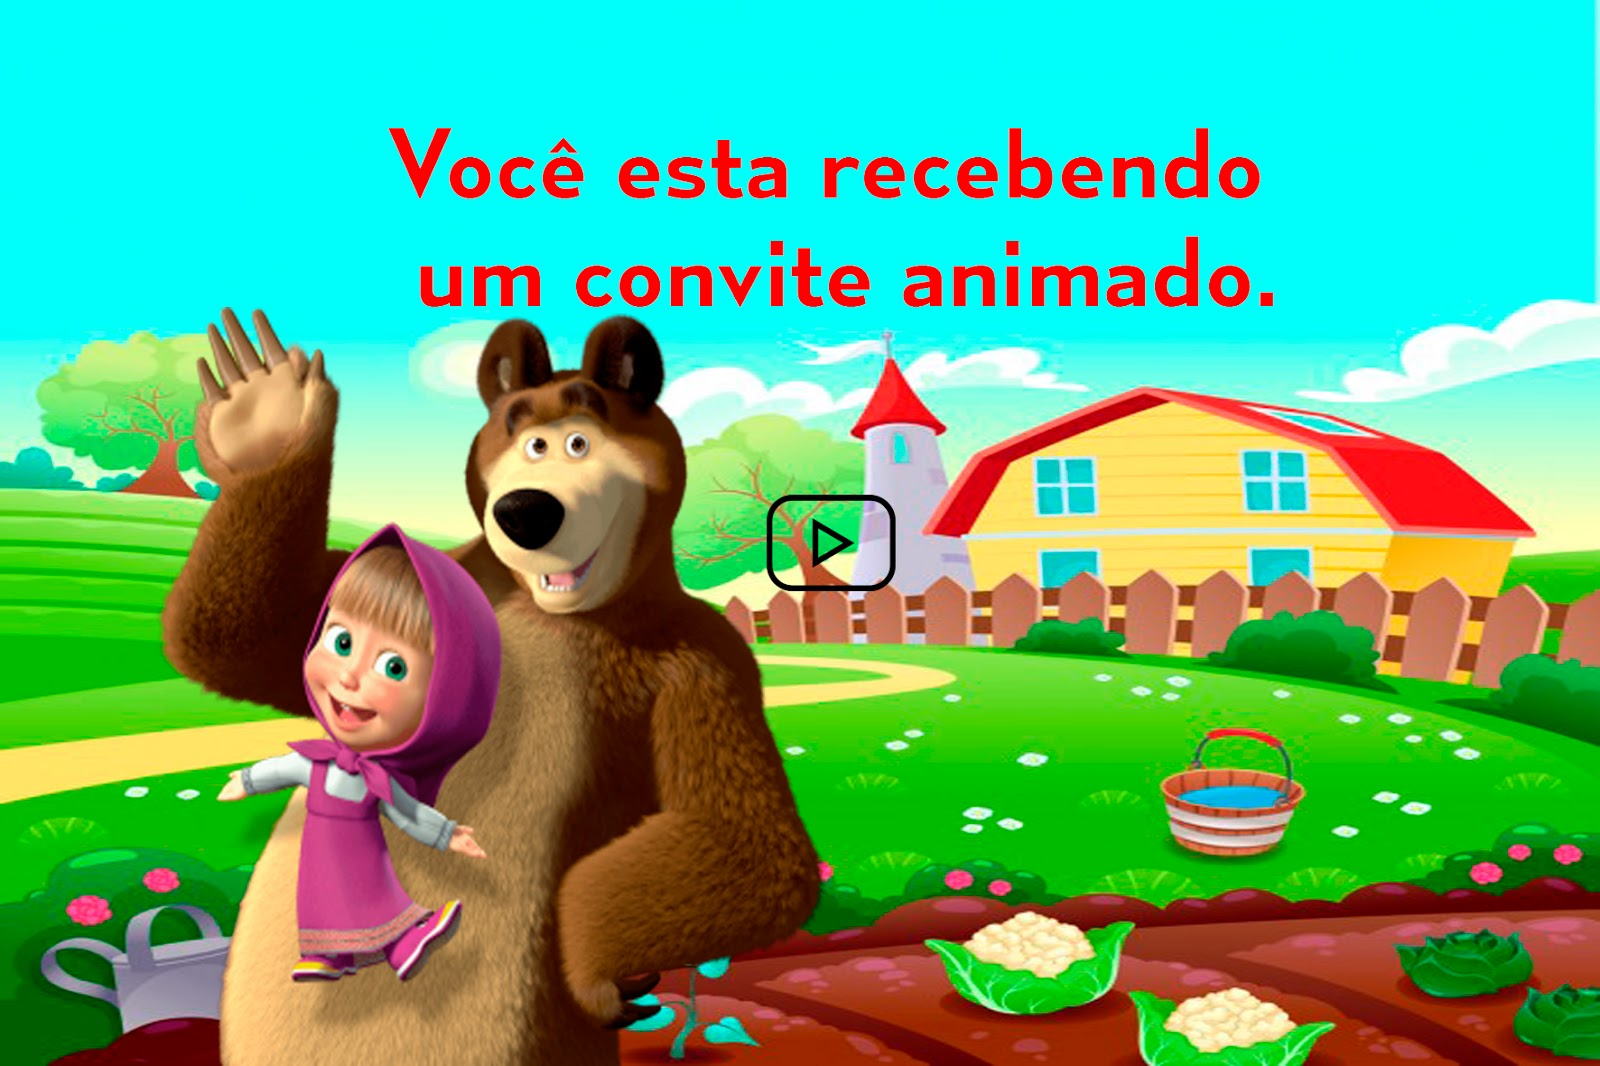 Jaques Cerimonial Como Fazer Convite Animado Da Masha E O Urso No